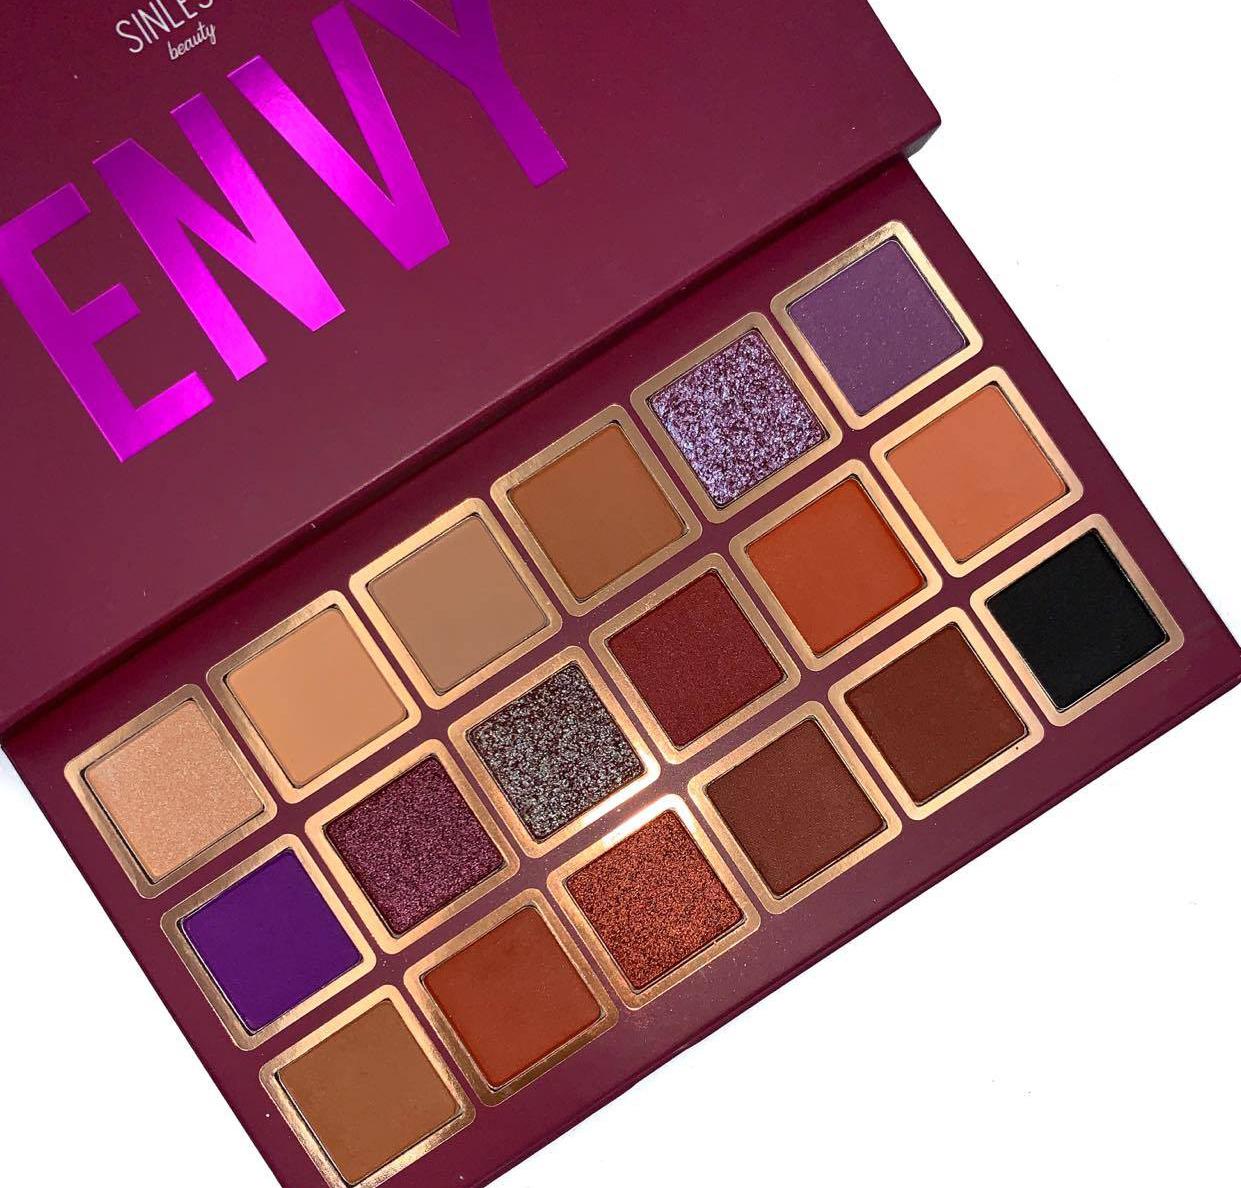 ENVY sinless $ 220.00